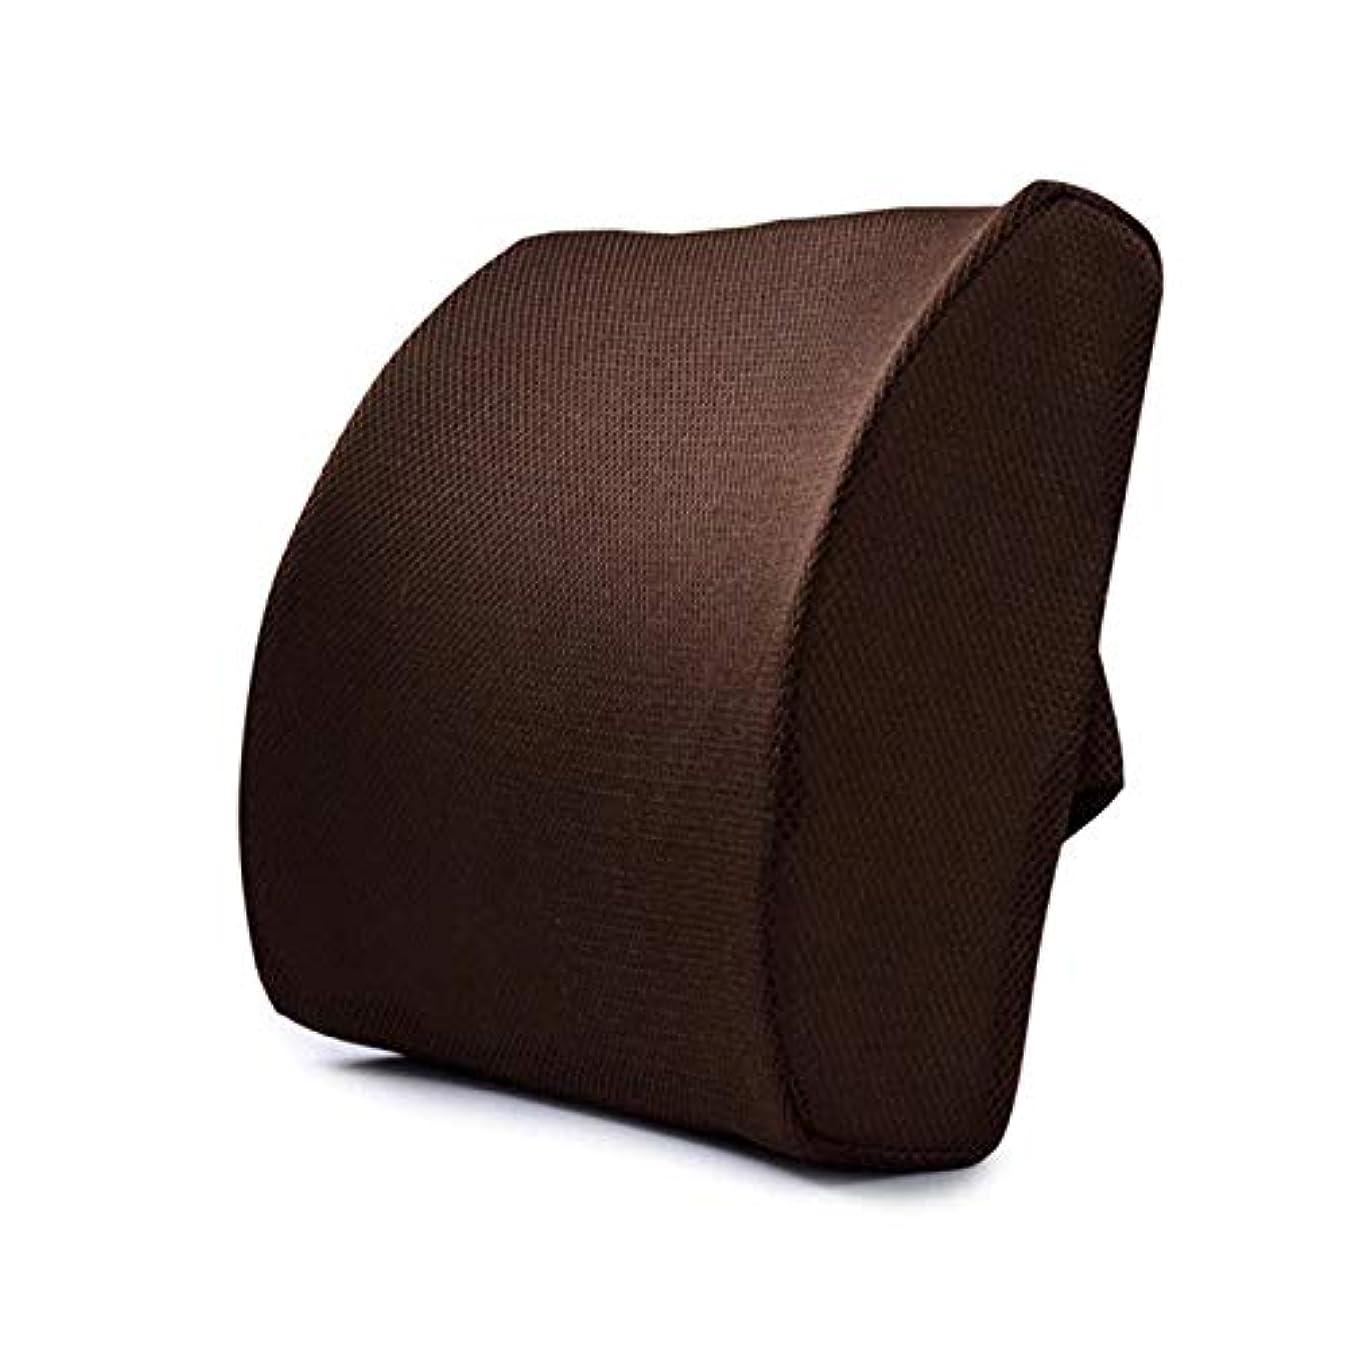 ラブナイロン家事LIFE ホームオフィス背もたれ椅子腰椎クッションカーシートネック枕 3D 低反発サポートバックマッサージウエストレスリビング枕 クッション 椅子